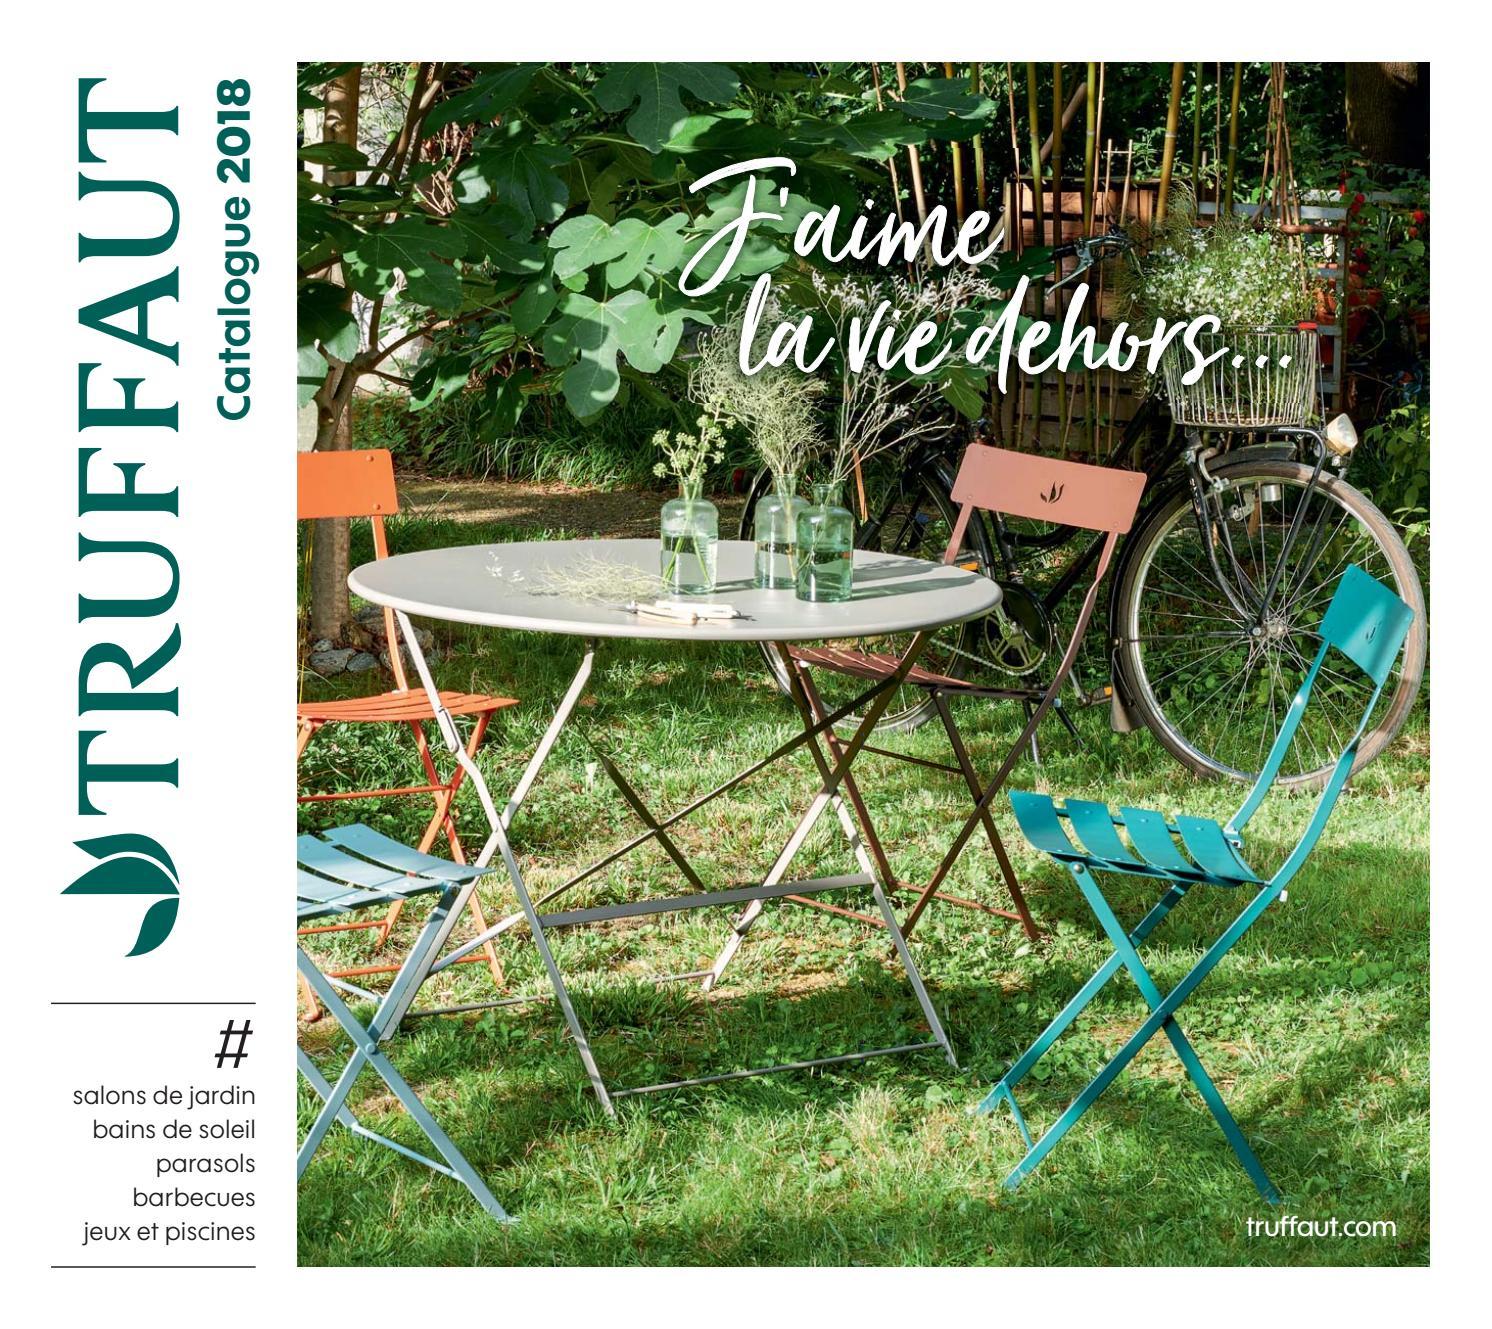 Catalogue Mobilier De Jardin Et Barbecue : Été 2018 ... encequiconcerne Truffaut Table De Jardin